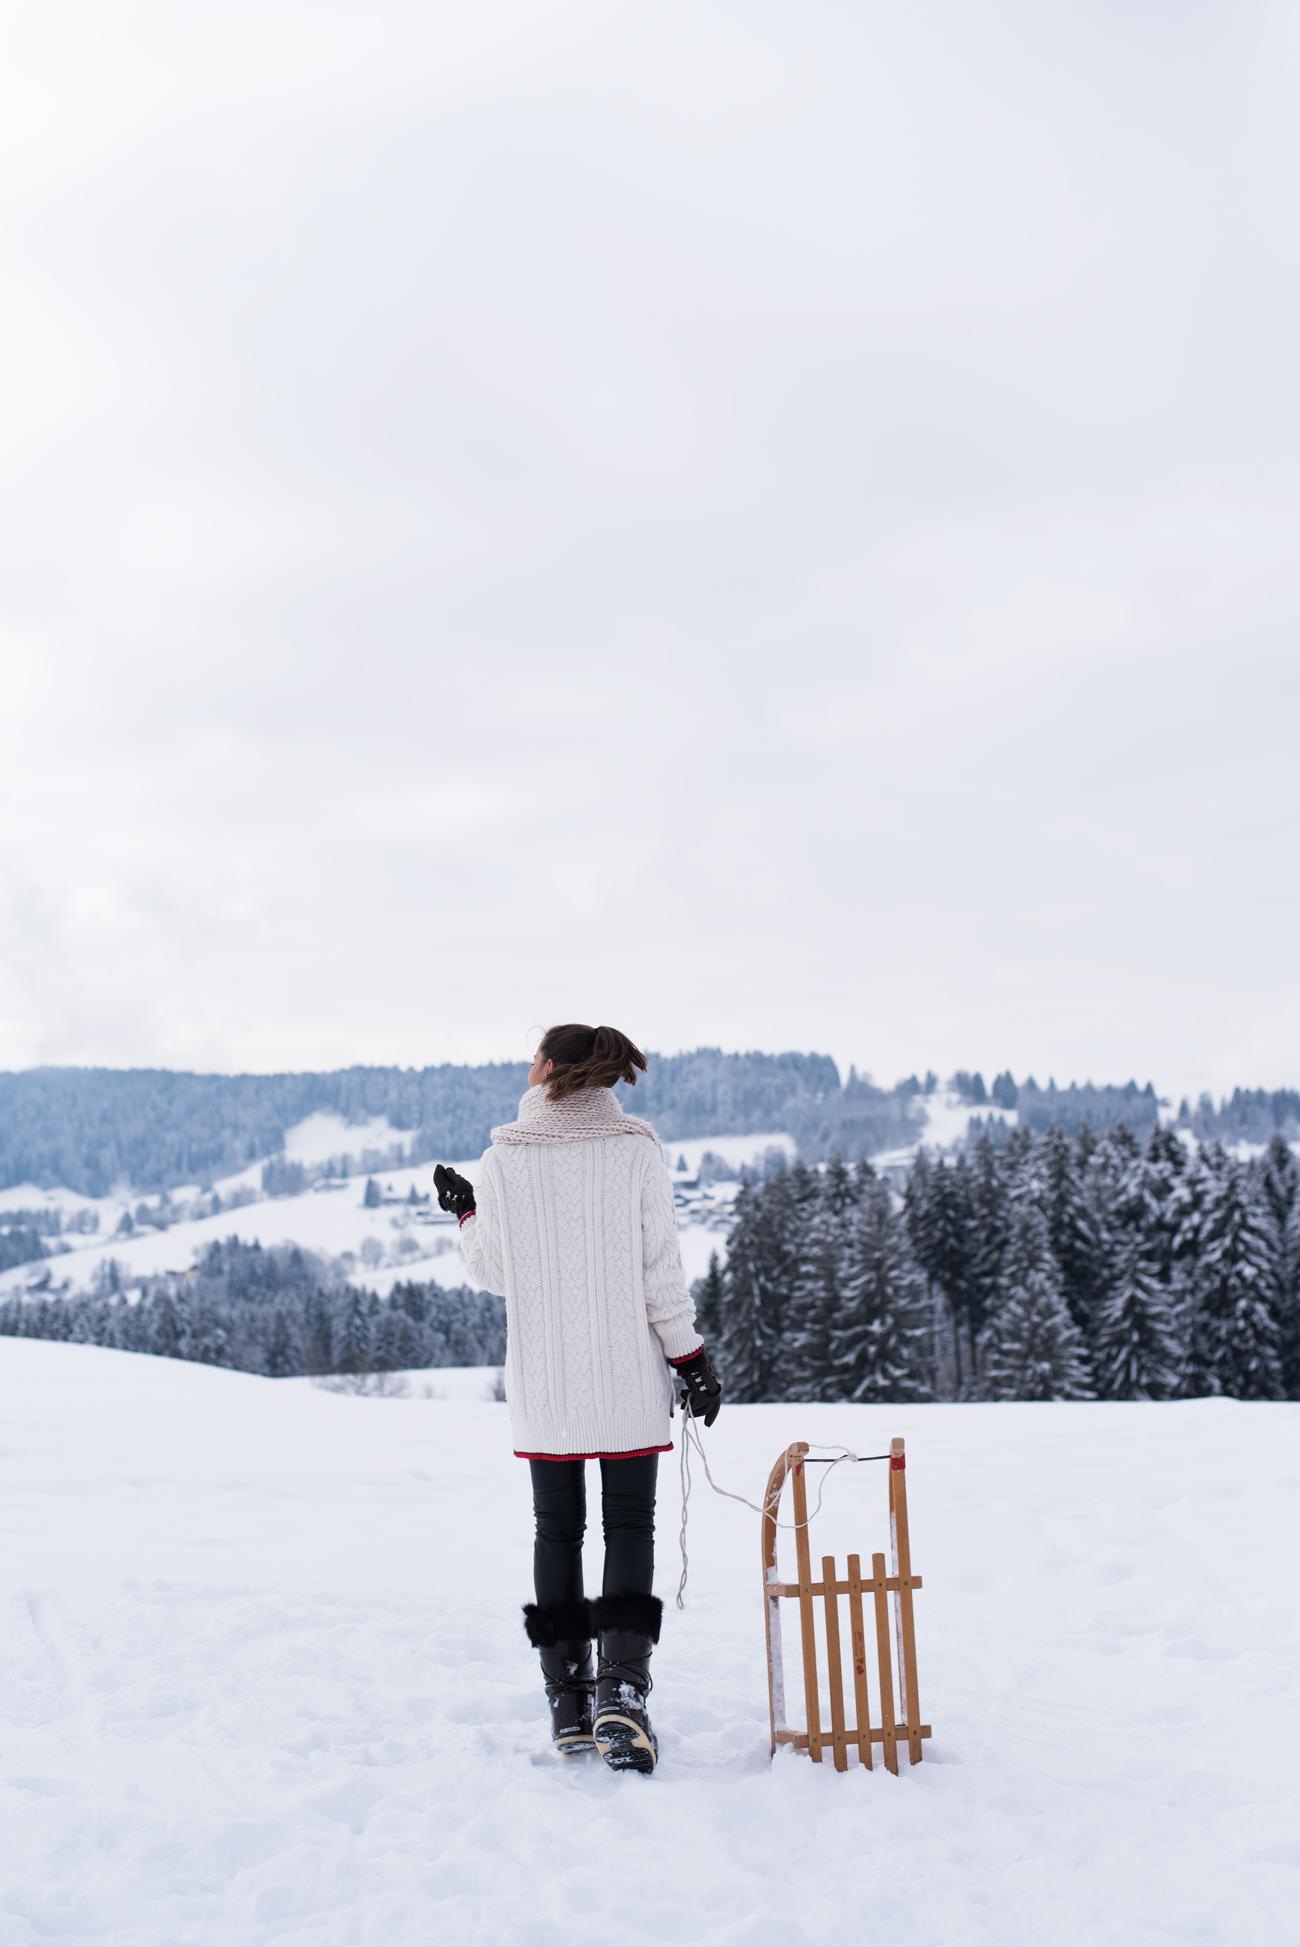 schlitten-fahren-im-allgäu-nina-und-sarah-bloggerinnen-münchen-josie-loves-fashiioncarpet